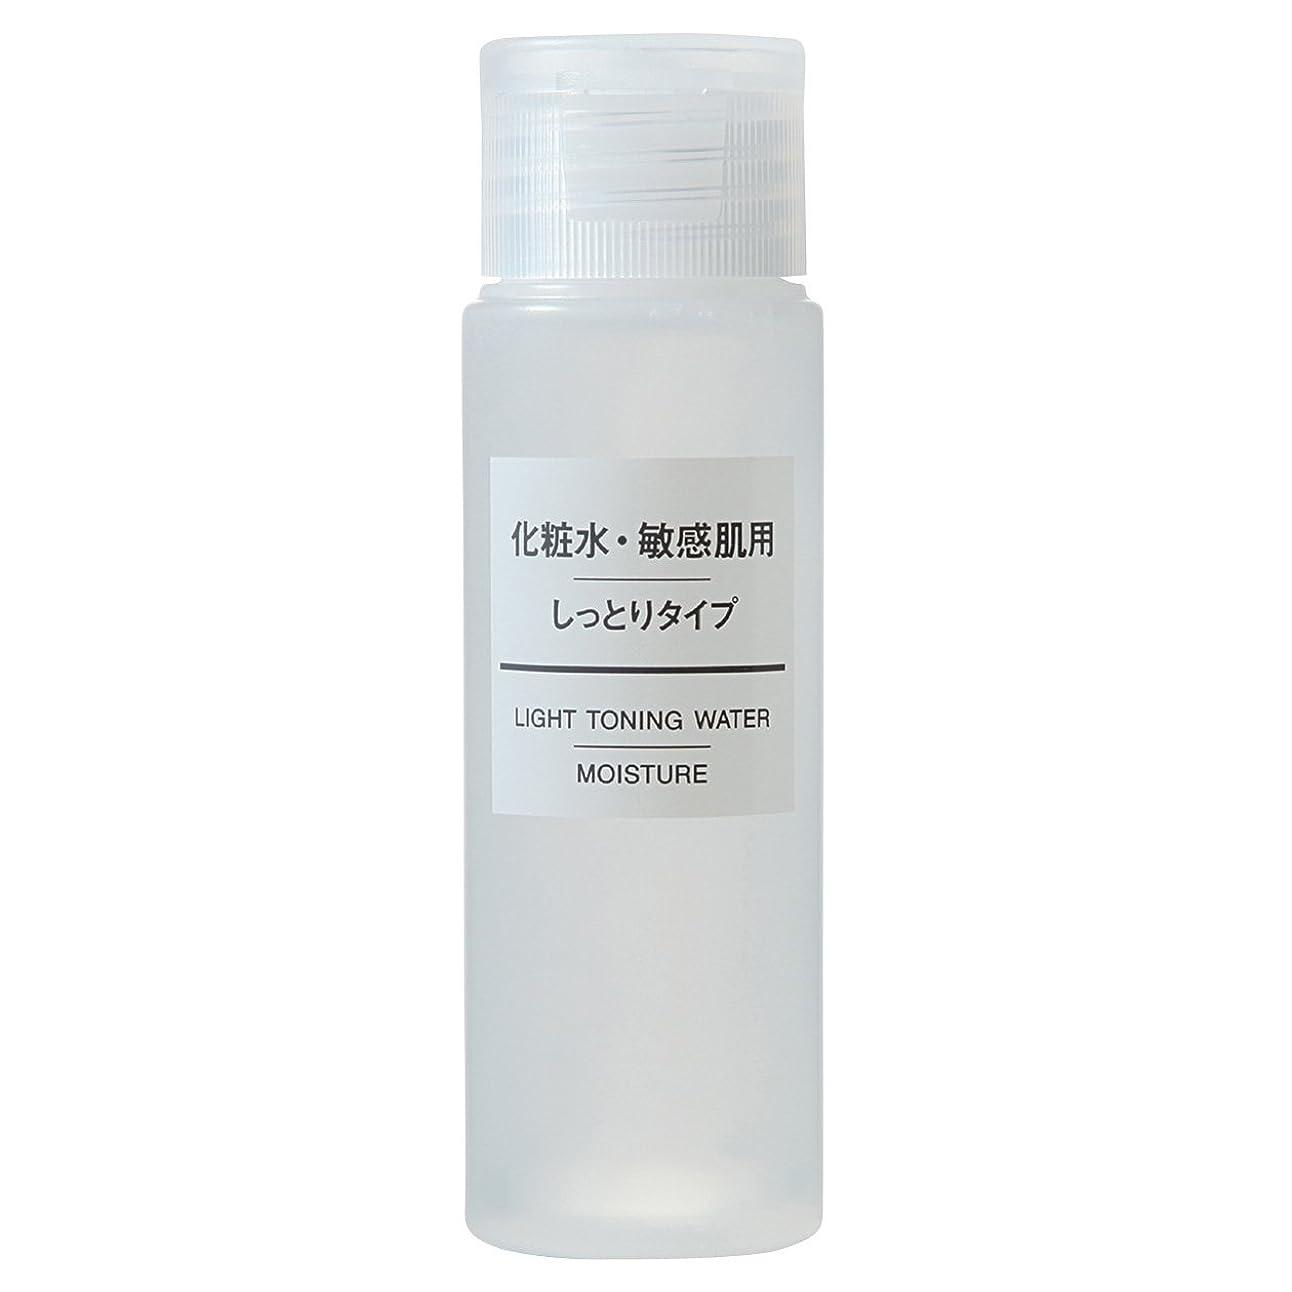 満員後退するモットー無印良品 化粧水?敏感肌用?しっとりタイプ(携帯用) 50ml